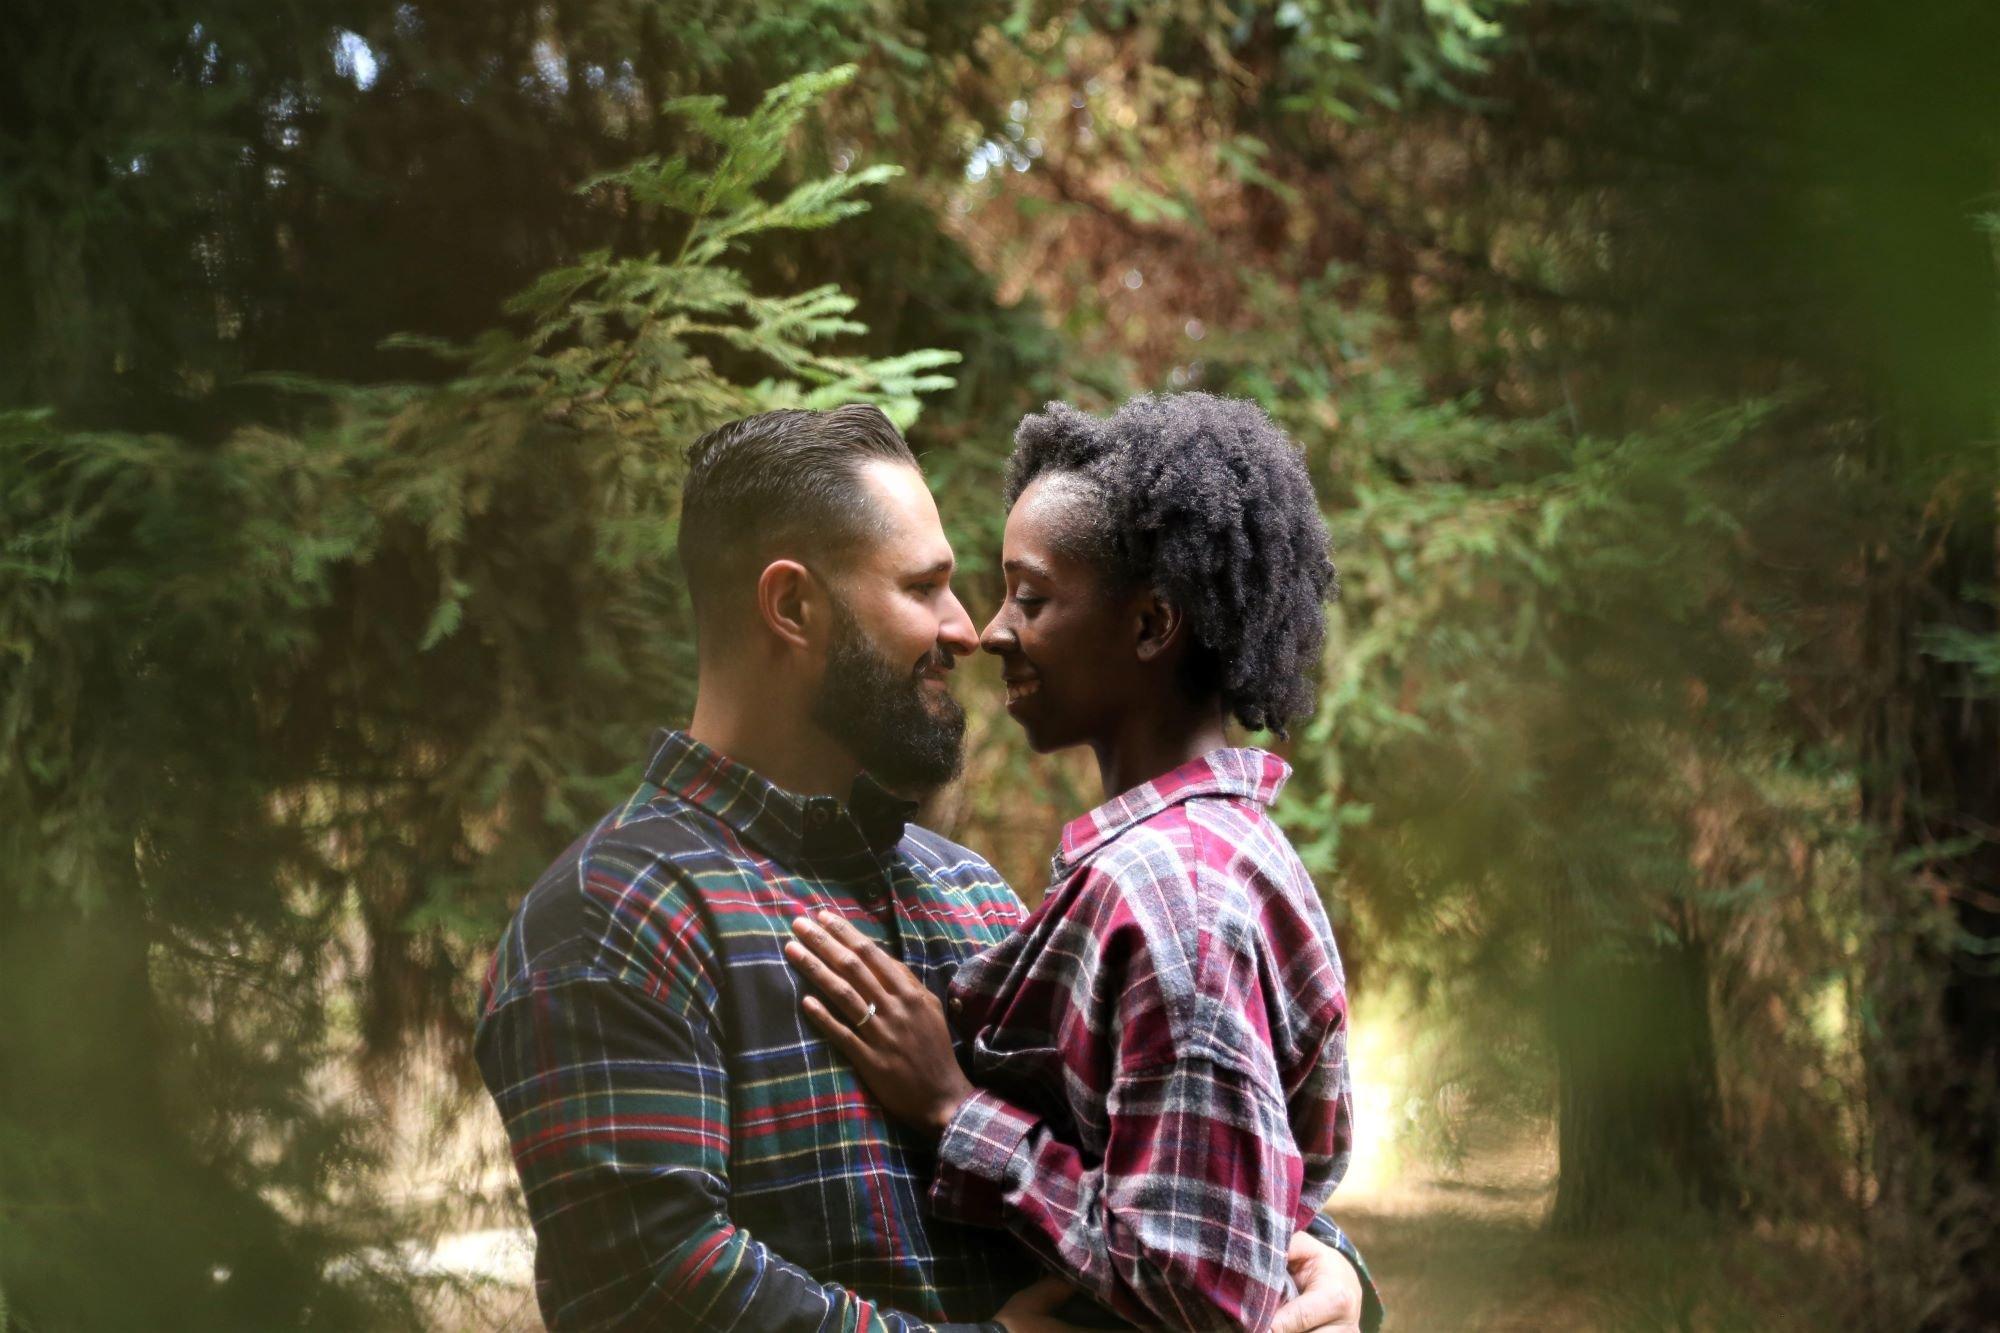 Casal em floresta abraçado